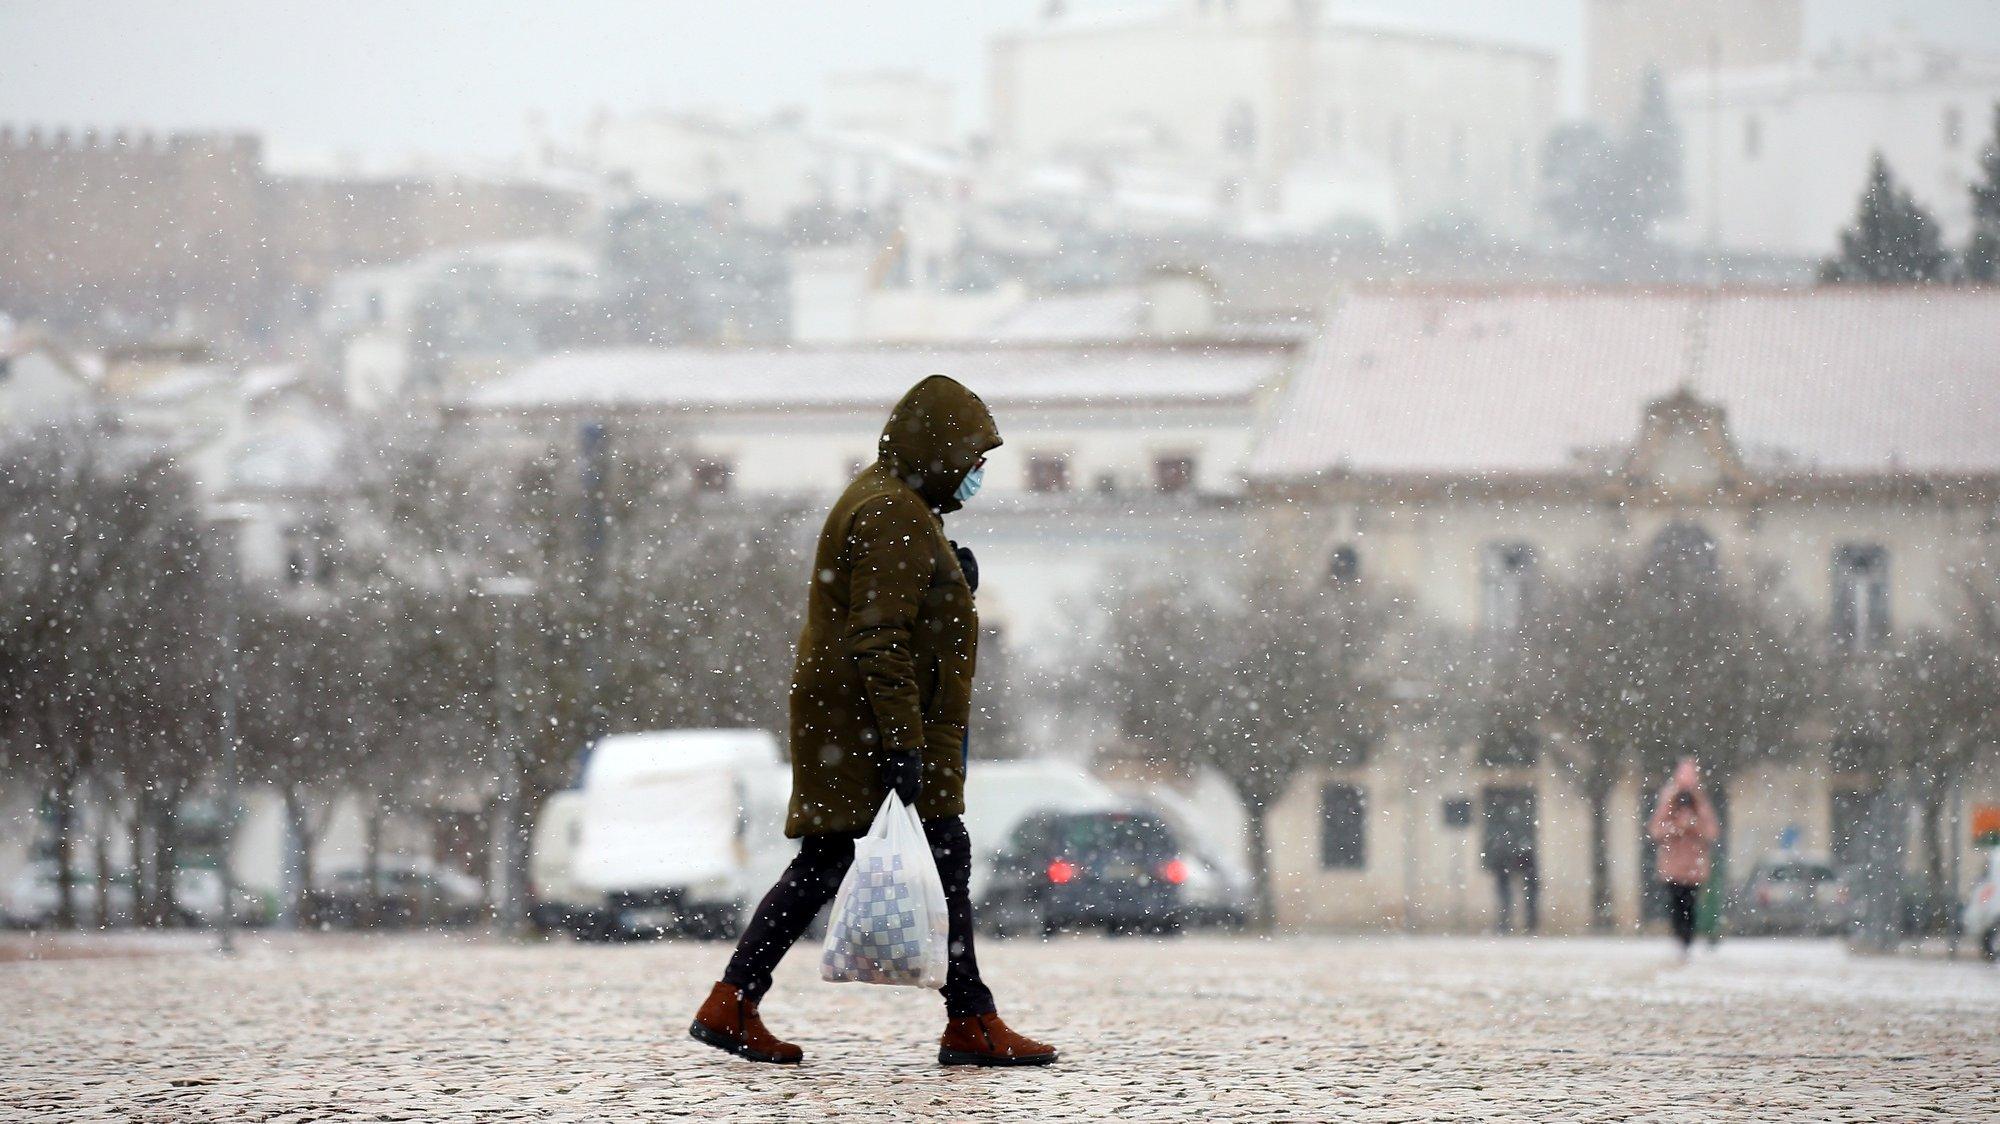 Uma popular circula no Rossio de Estremoz momentos após um forte nevão nesta cidade, fenómeno meteorológico raro no alentejo. Não nevava no distrito de Évora há 12 anos. Estremoz, 09 de janeiro de 2021. O Instituto Português do Mar e da Atmosfera (IPMA) mantêm o continente e a Madeira em alerta amarelo devido ao frio previsto para o fim-de-semana, e prevê que a temperatura média da próxima semana esteja abaixo dos valores normais para a época.  NUNO VEIGA/LUSA